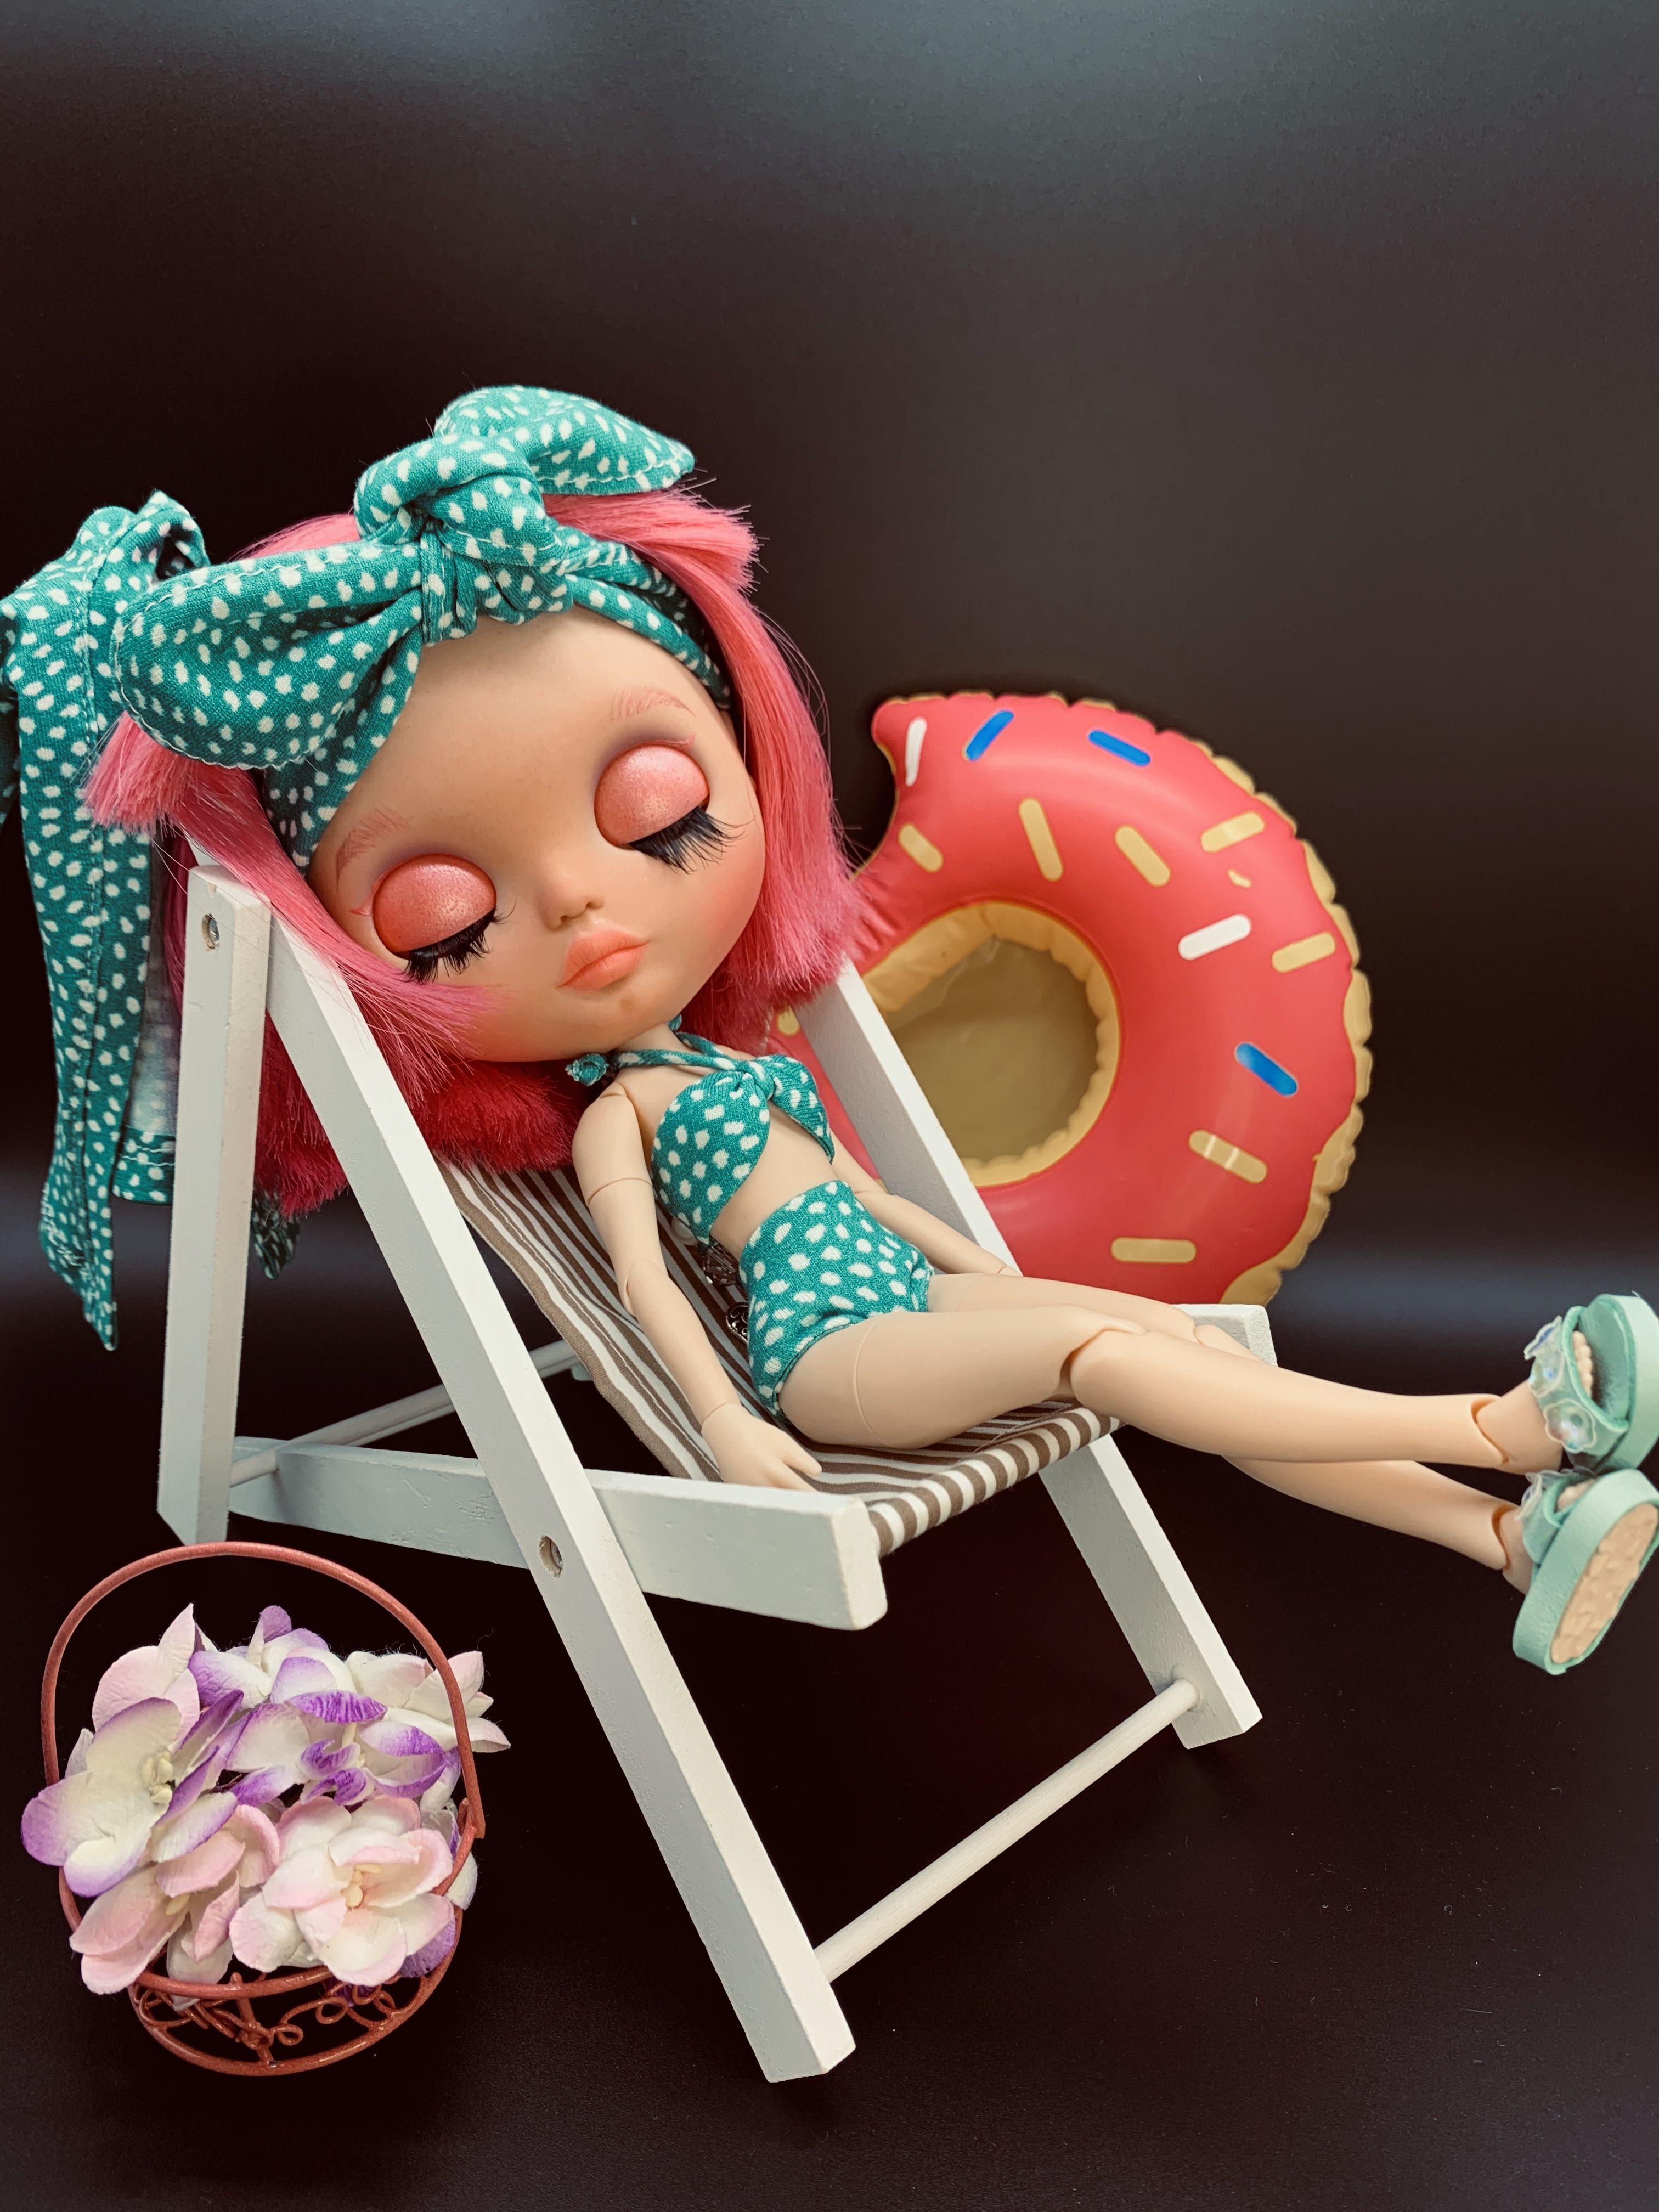 Кукла Блайз в купальнике купить гардероб для Блайз | Куклы ...